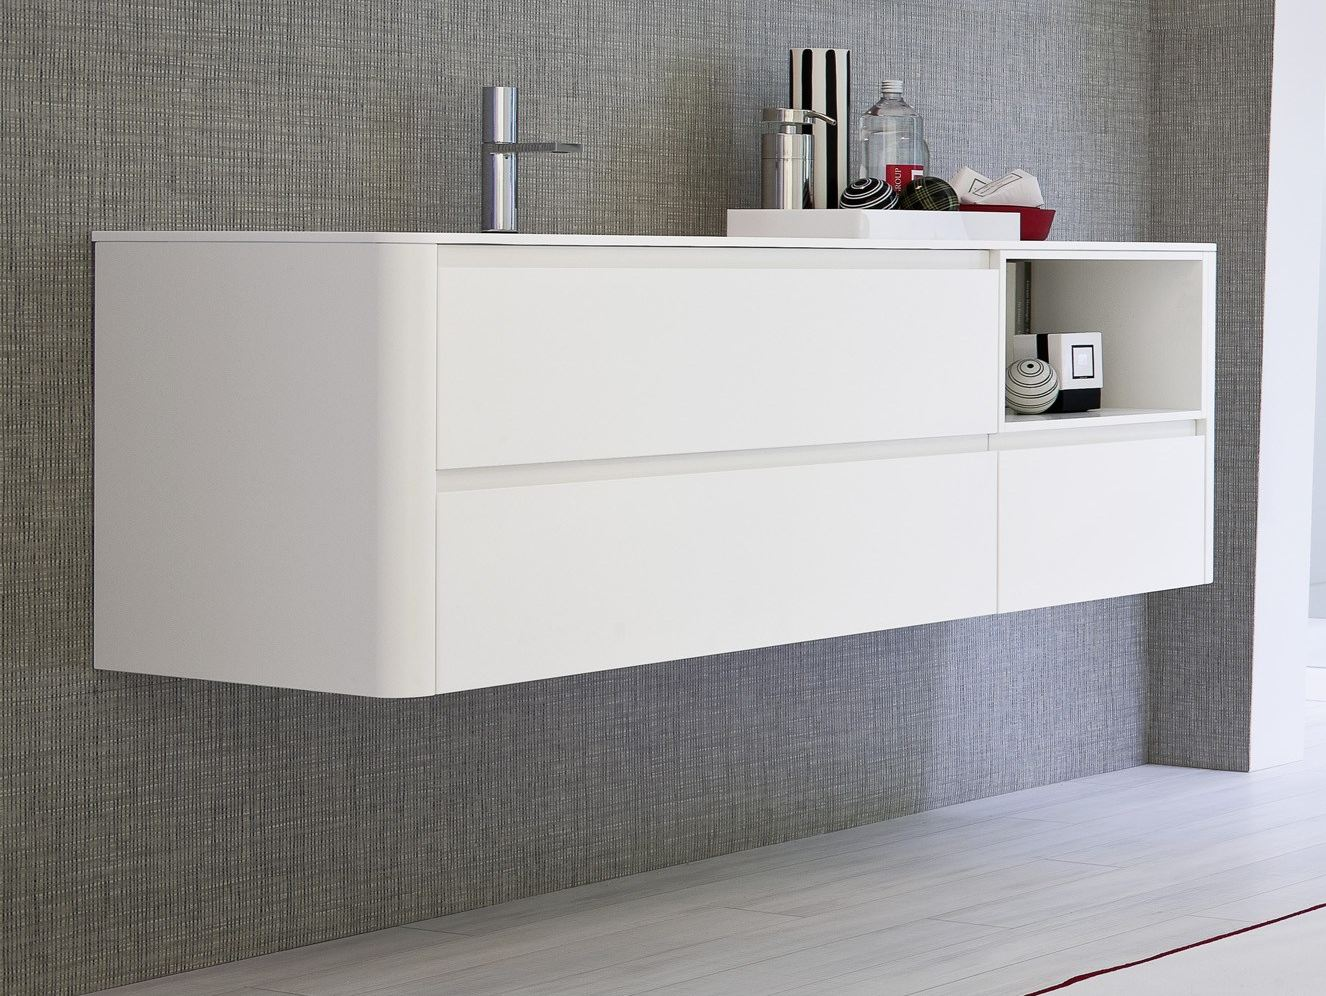 Mobile lavabo laccato sospeso comp msp01 collezione my for Mobile lavabo